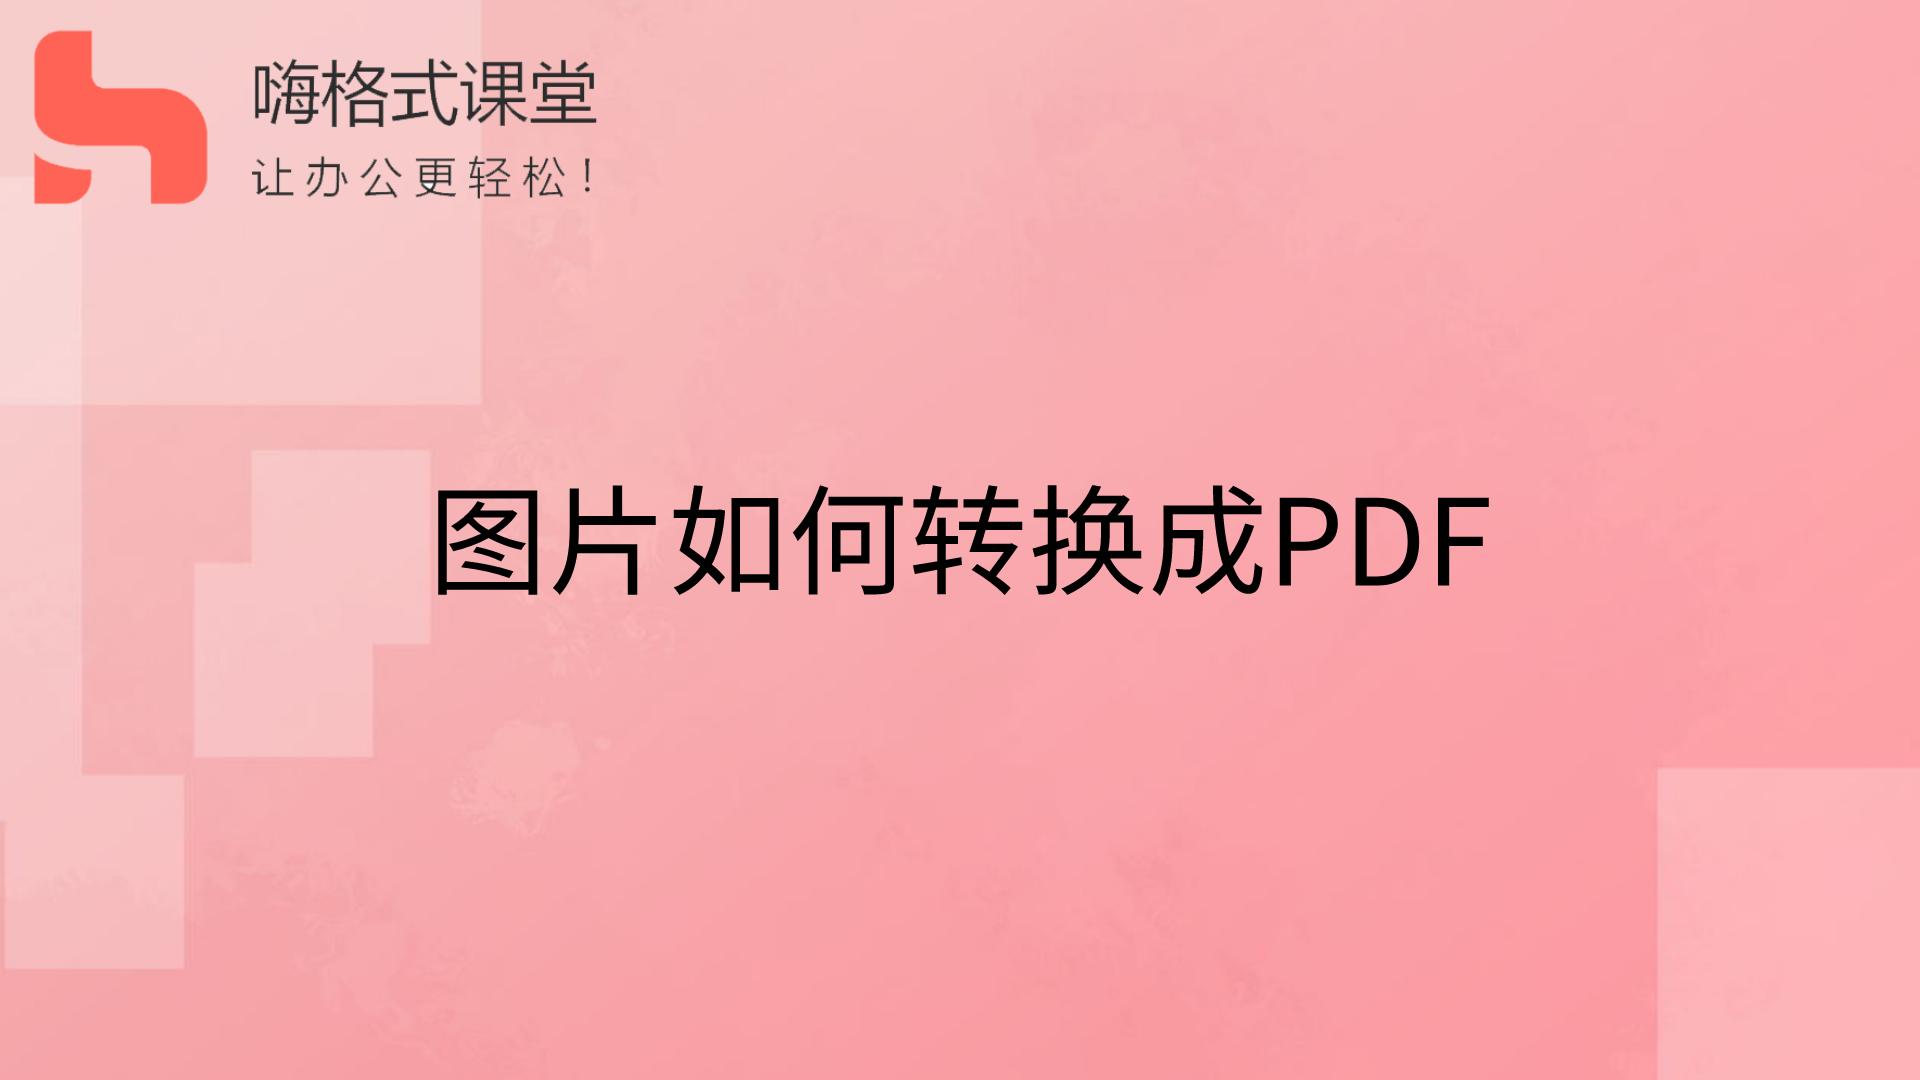 图片如何转换成PDF